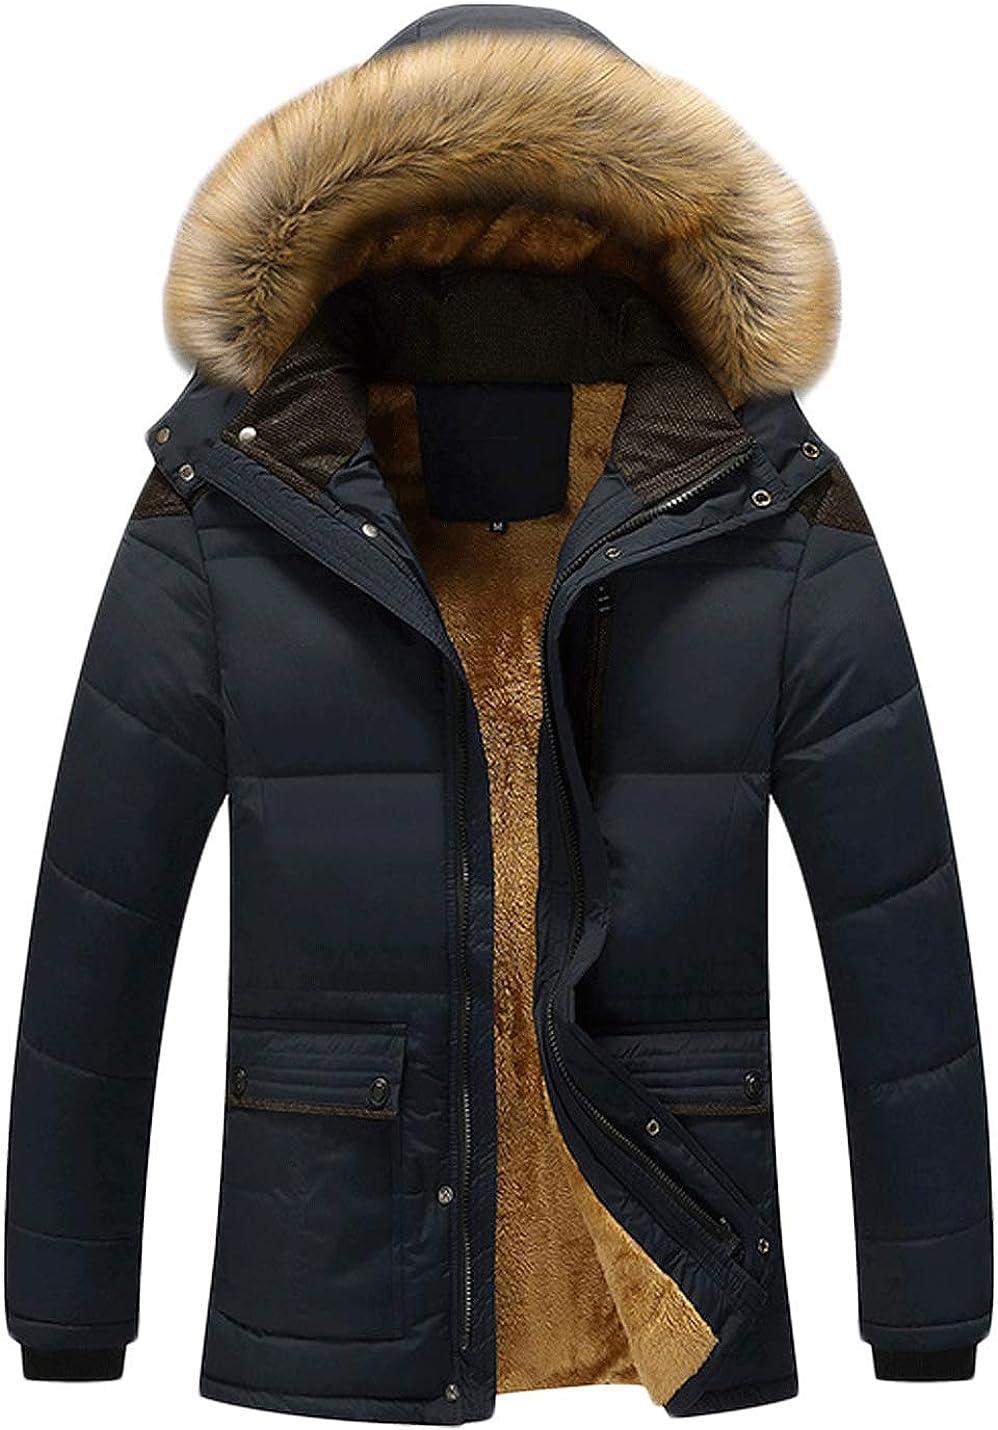 Jenkoon Men's Hooded Faux Fur Lined Warm Coats Outwear Parka Jackets